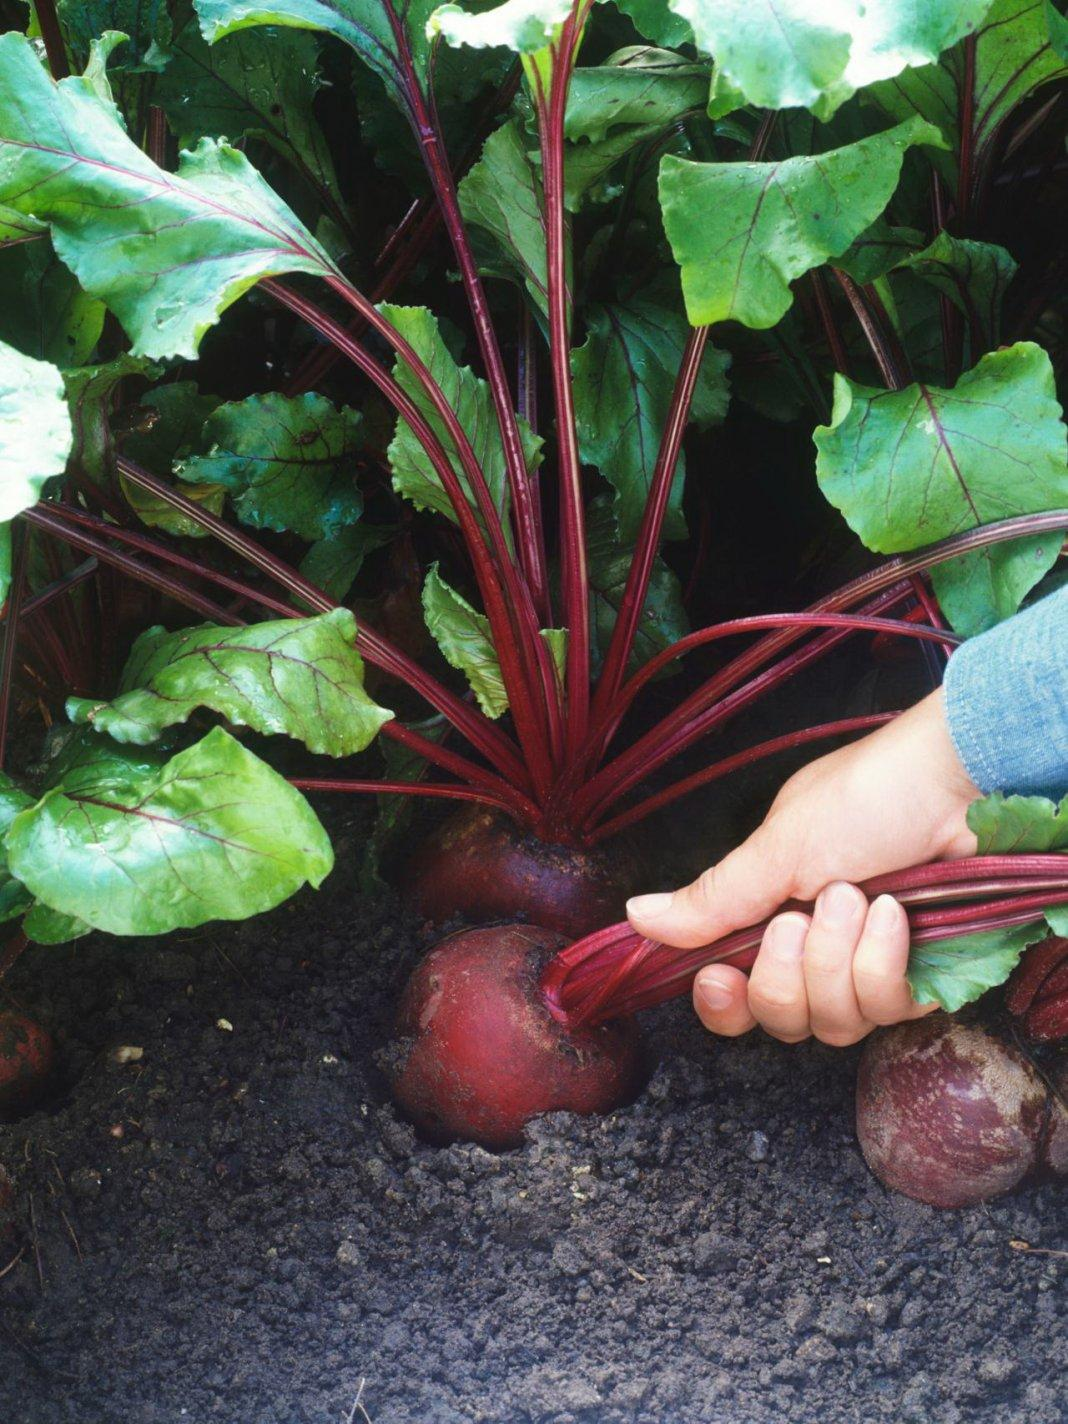 С чем можно сажать свеклу на одной грядке в огороде и на следующий год после нее